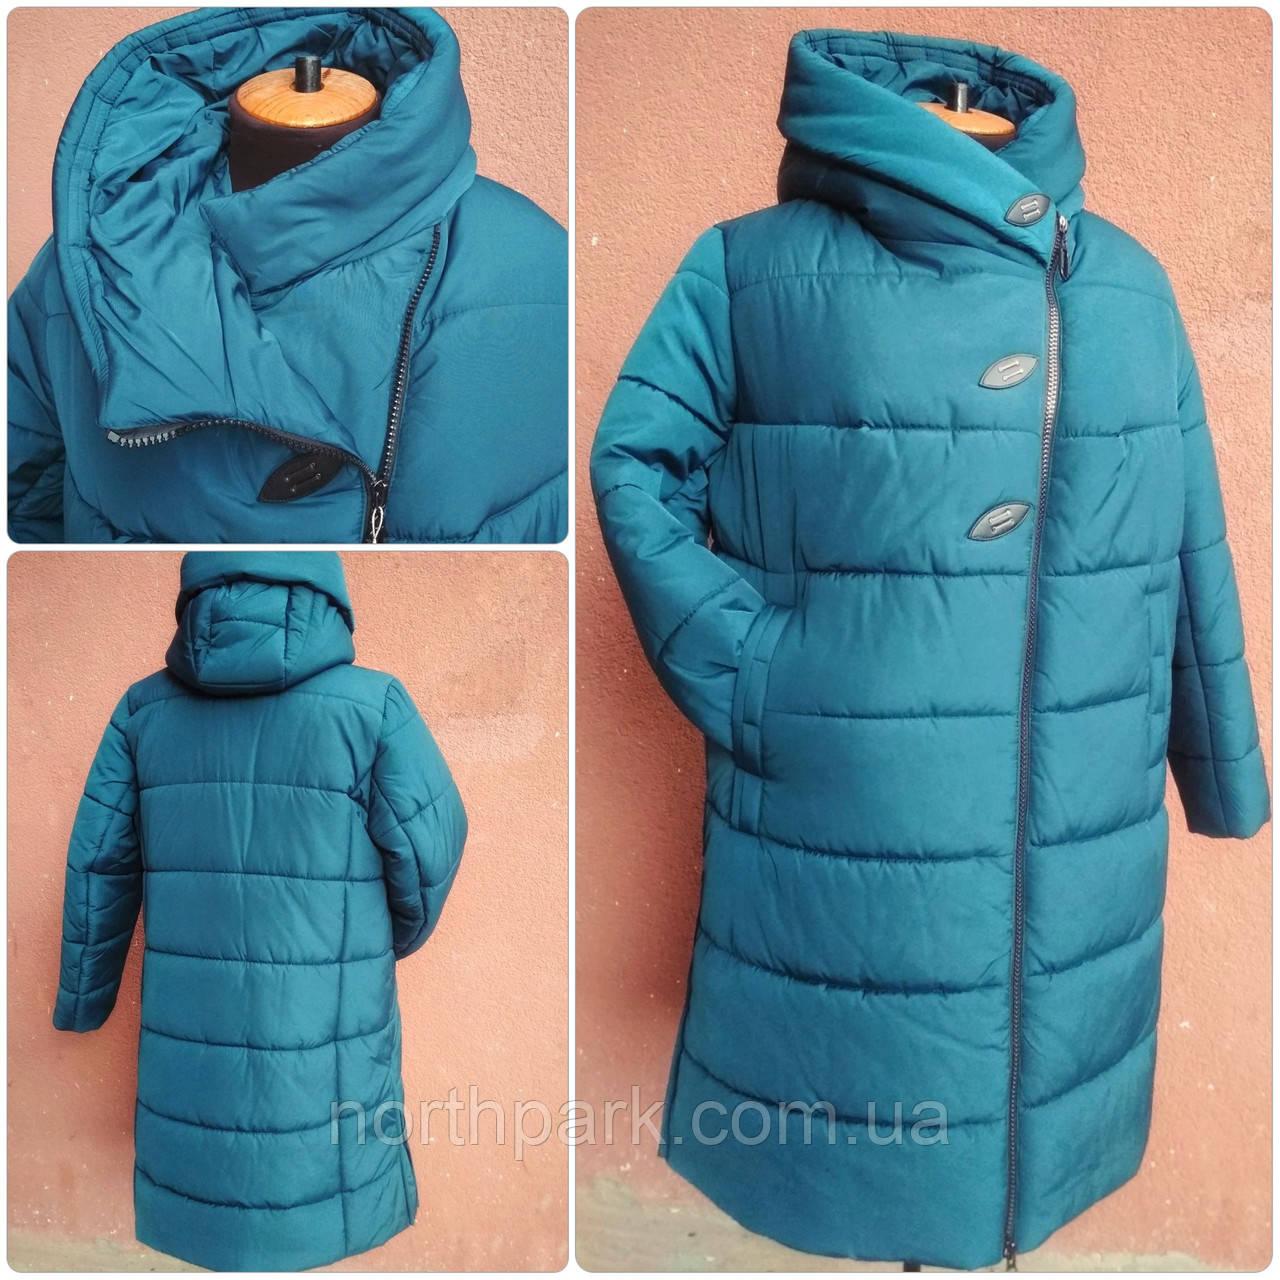 Красивое зимнее женское пальто баталл VS В-911